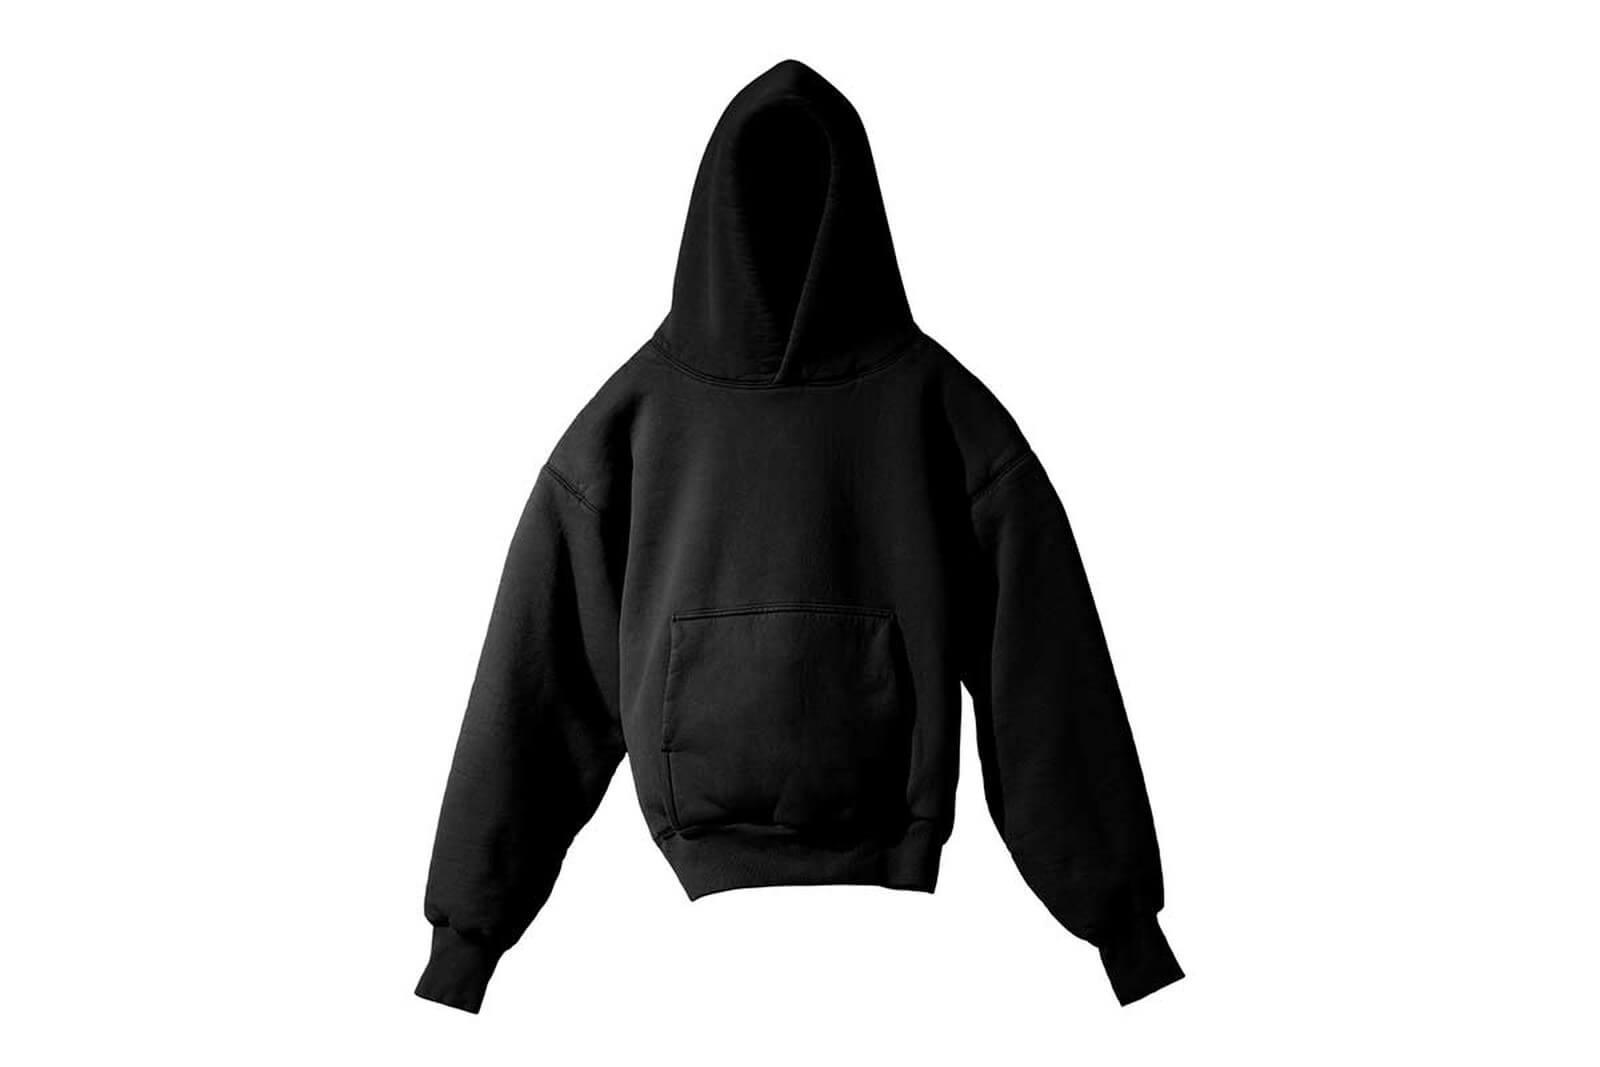 yeezy gap hoodie release date buy 1